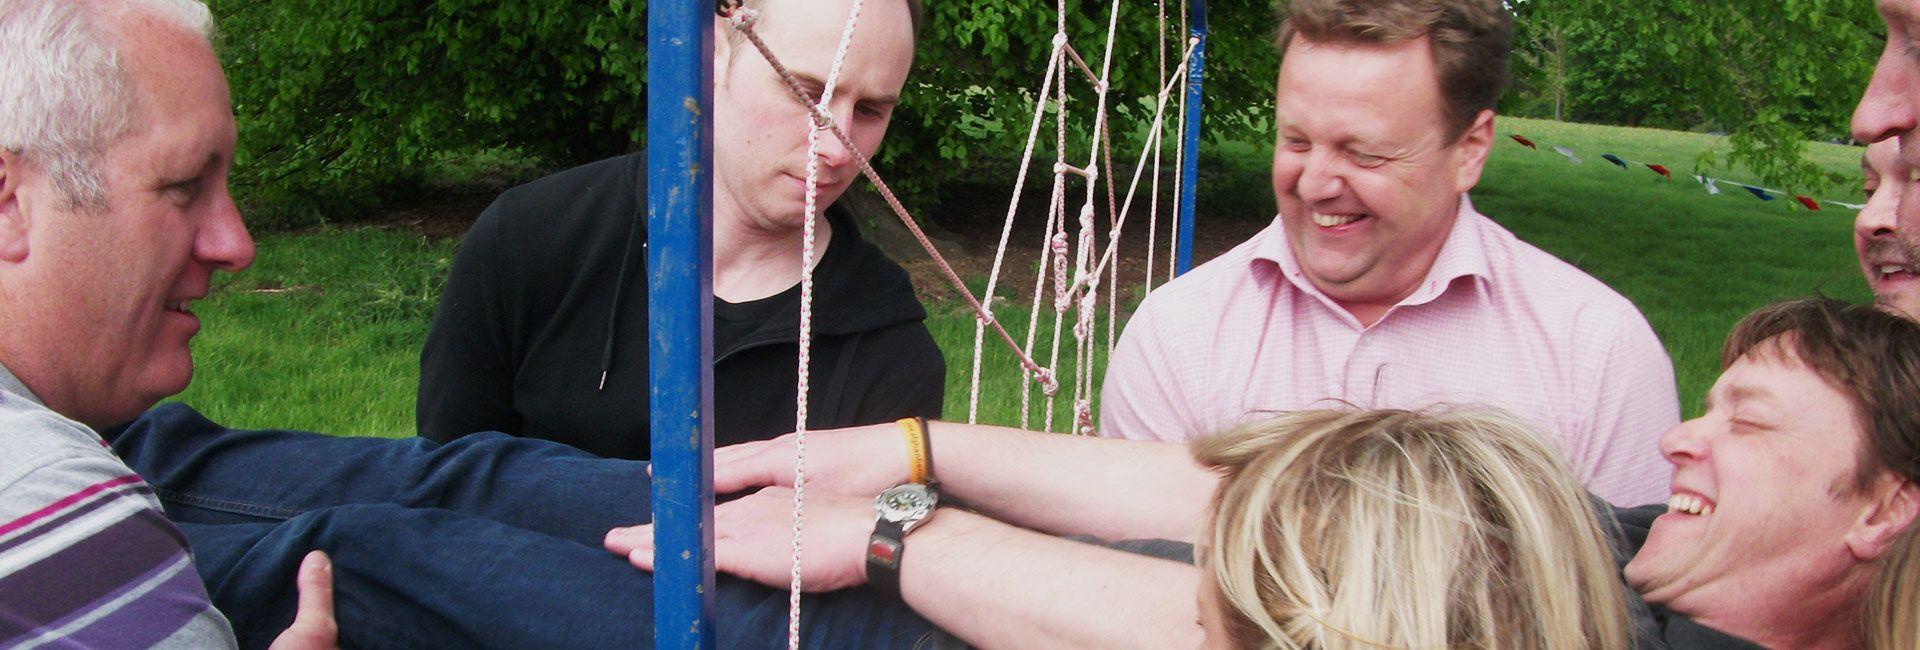 outdoor team work challenges & events uk